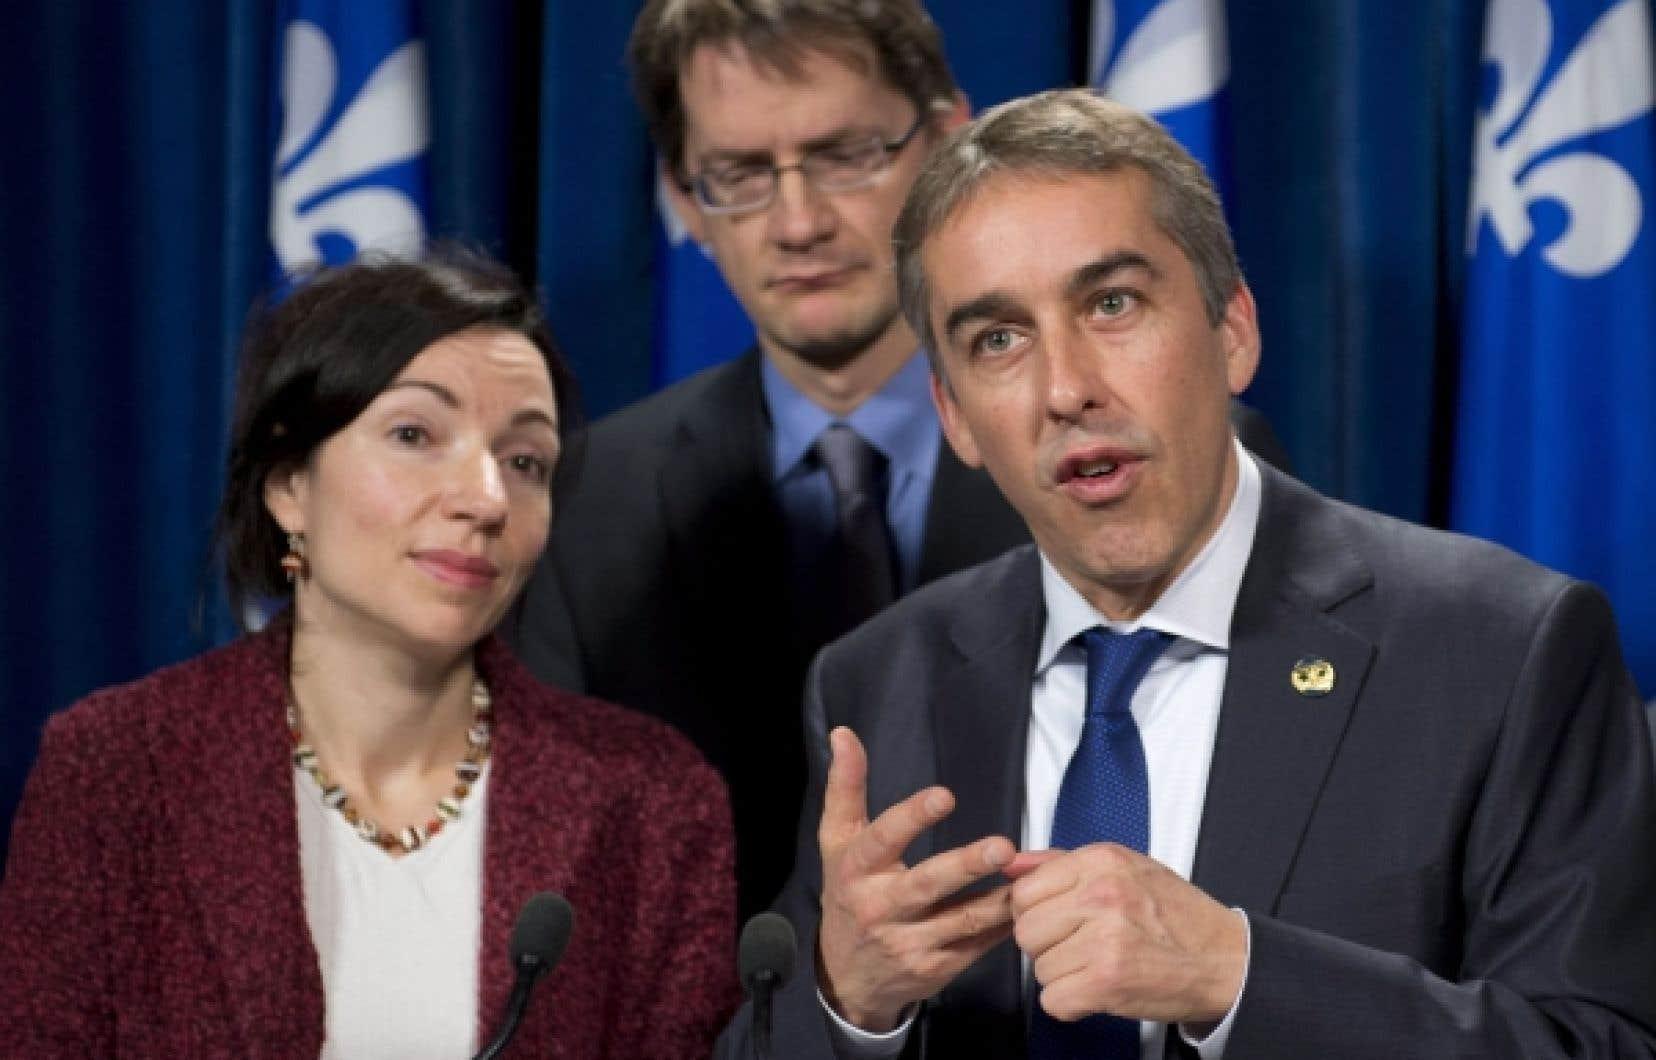 Le ministre québécois des Finances, Nicolas Marceau, a répondu aux questions de la presse au sujet de la renégociation de l'entente sur la construction de la route 167. À ses côtés, la ministre des Ressources naturelles, Martine Ouellet, et le ministre des Transports, Sylvain Gaudreault.